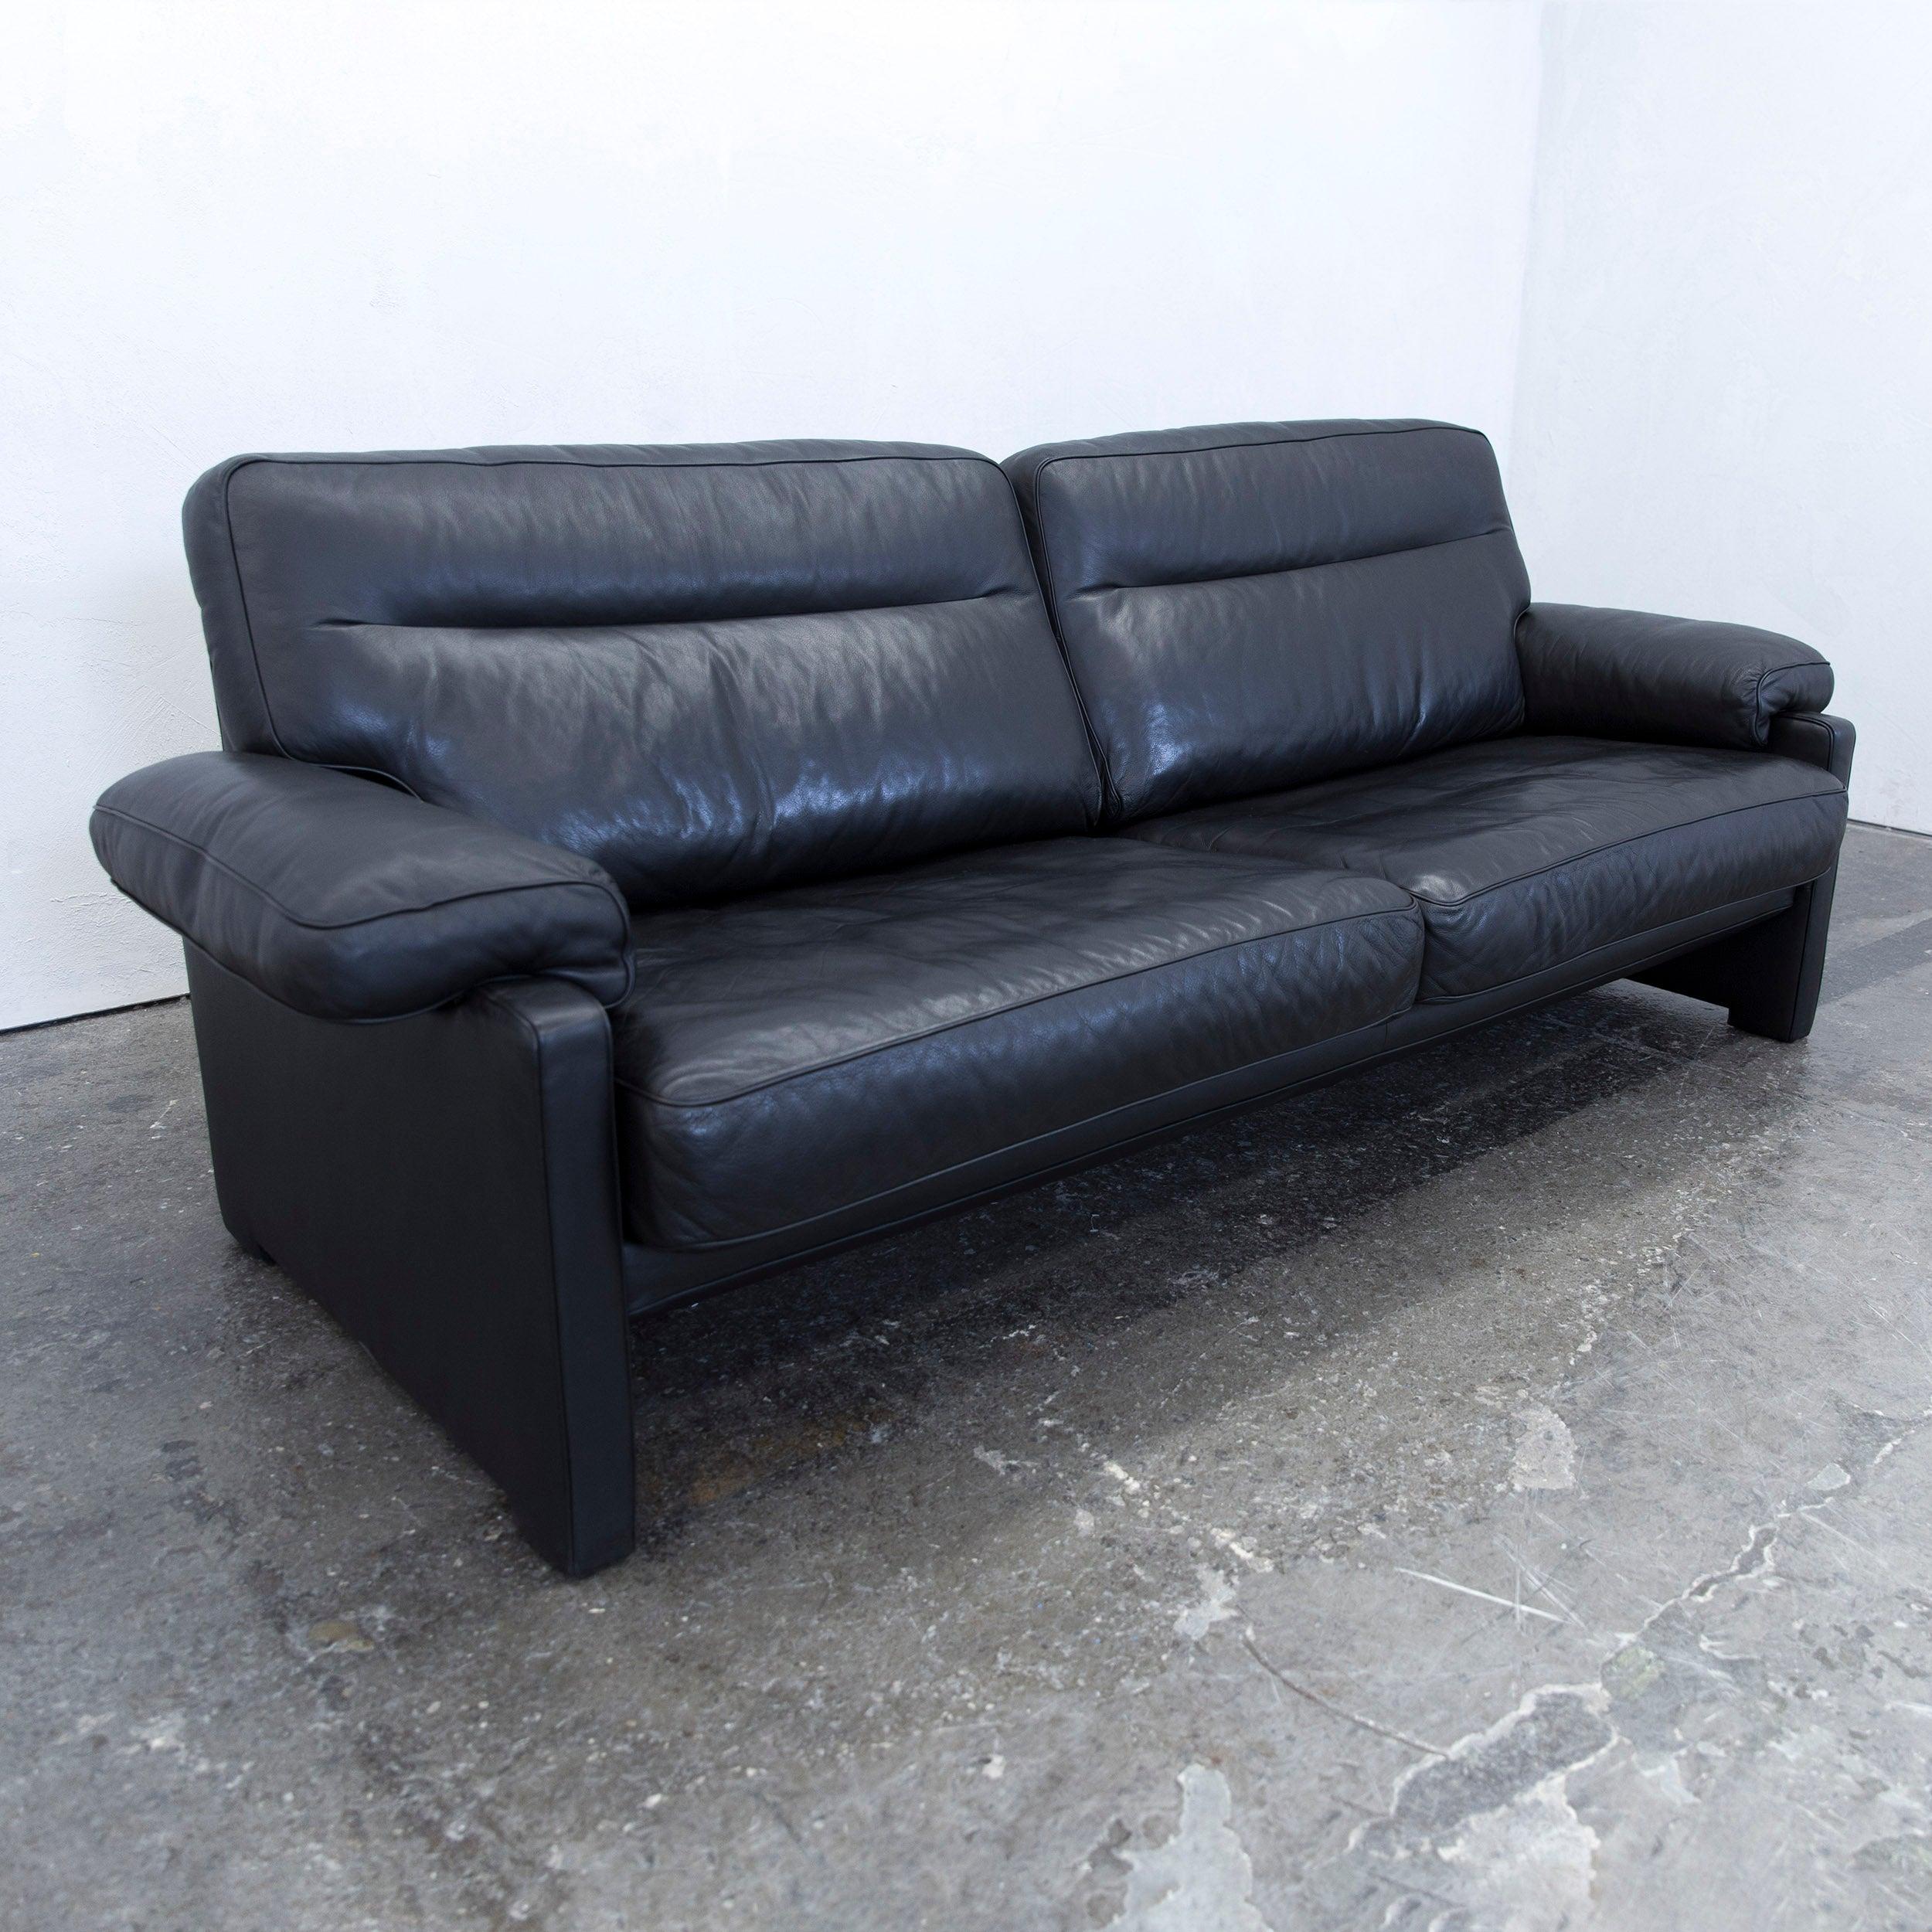 designer sofa leder cheap de sede ds designer sofa creme. Black Bedroom Furniture Sets. Home Design Ideas